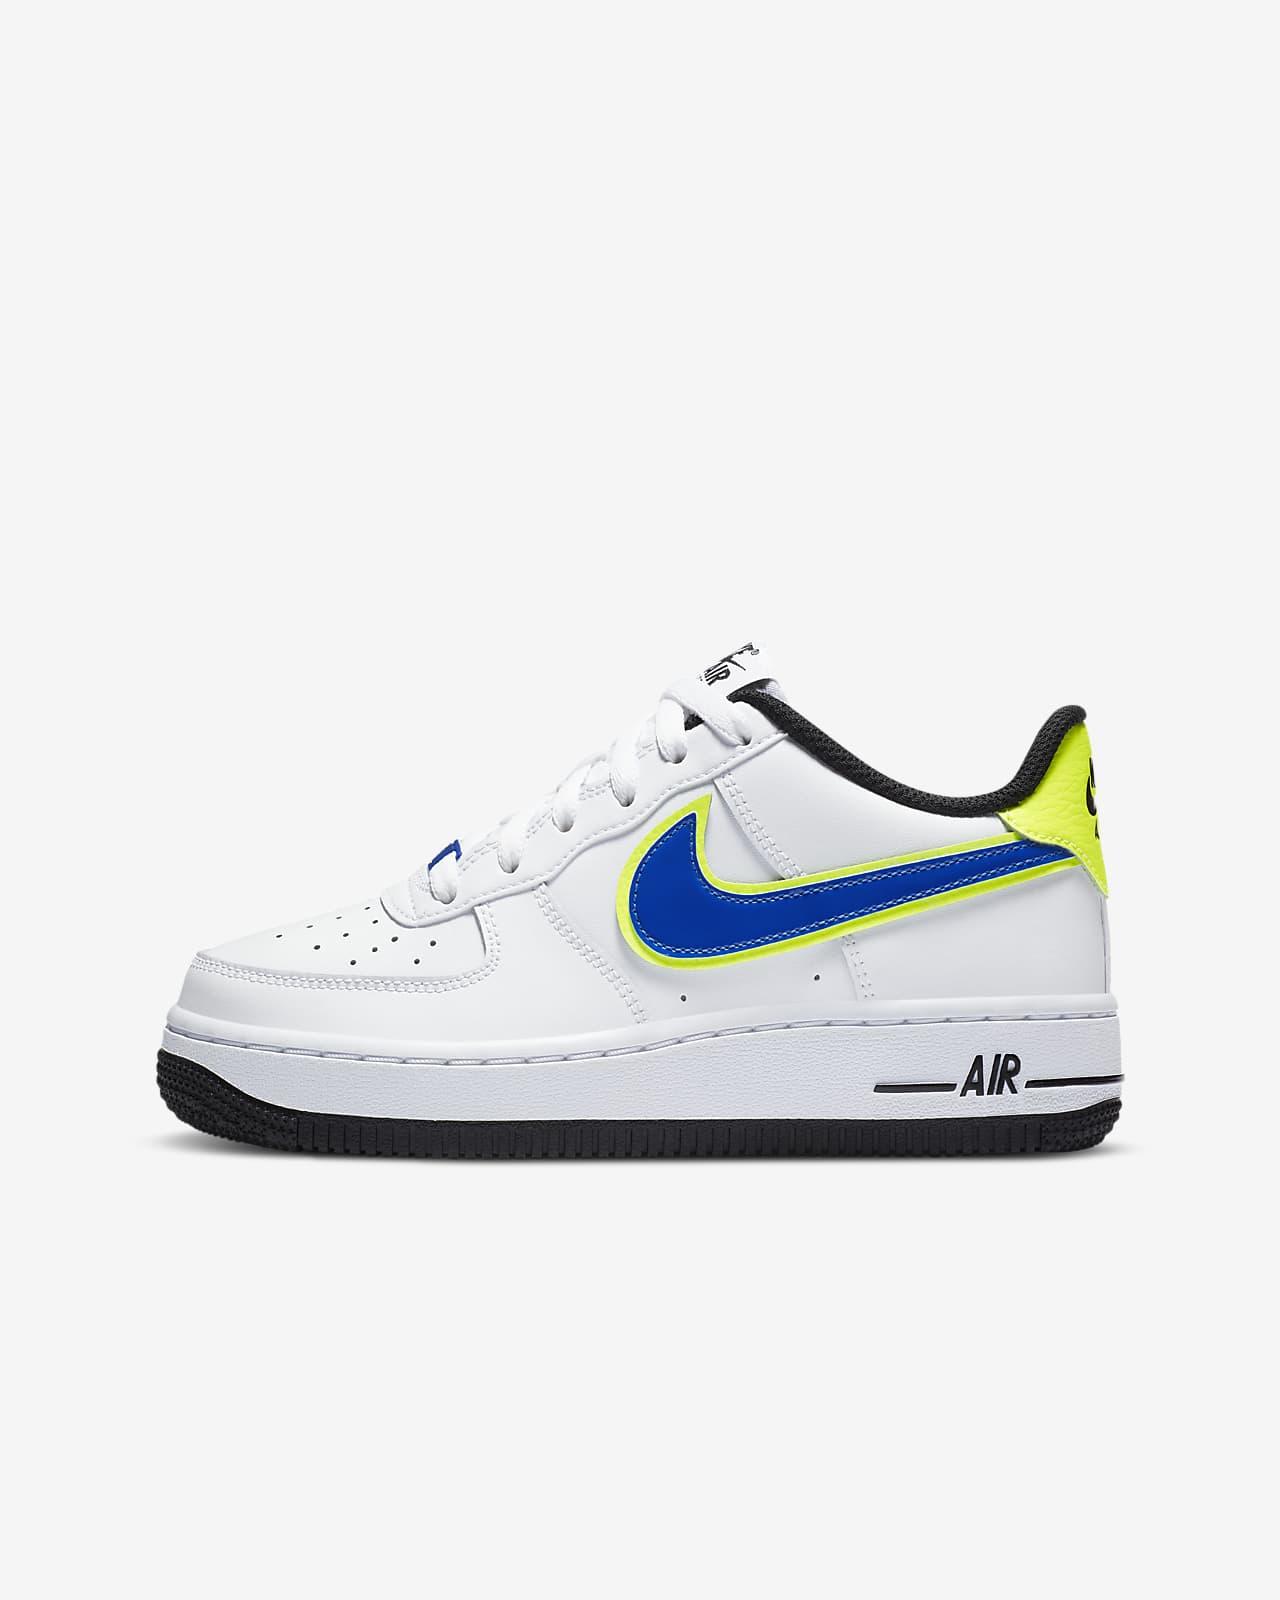 Nike Air Force 1 '07 Genç Çocuk Ayakkabısı